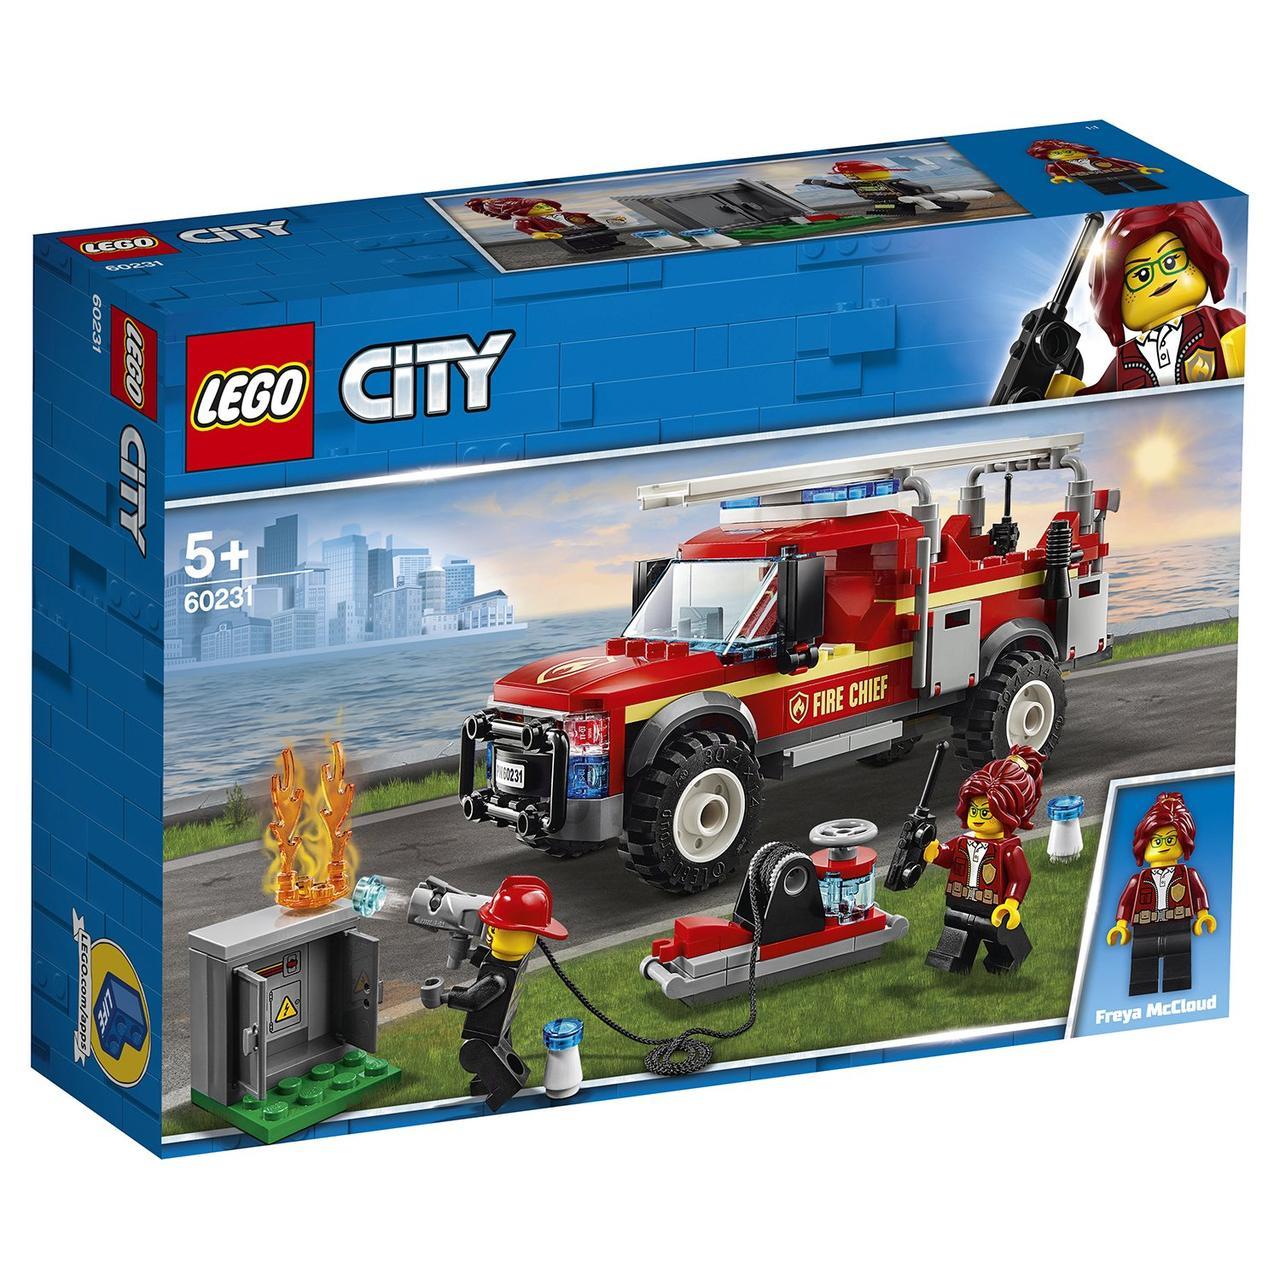 60231 Lego City Грузовик начальника пожарной охраны, Лего Город Сити